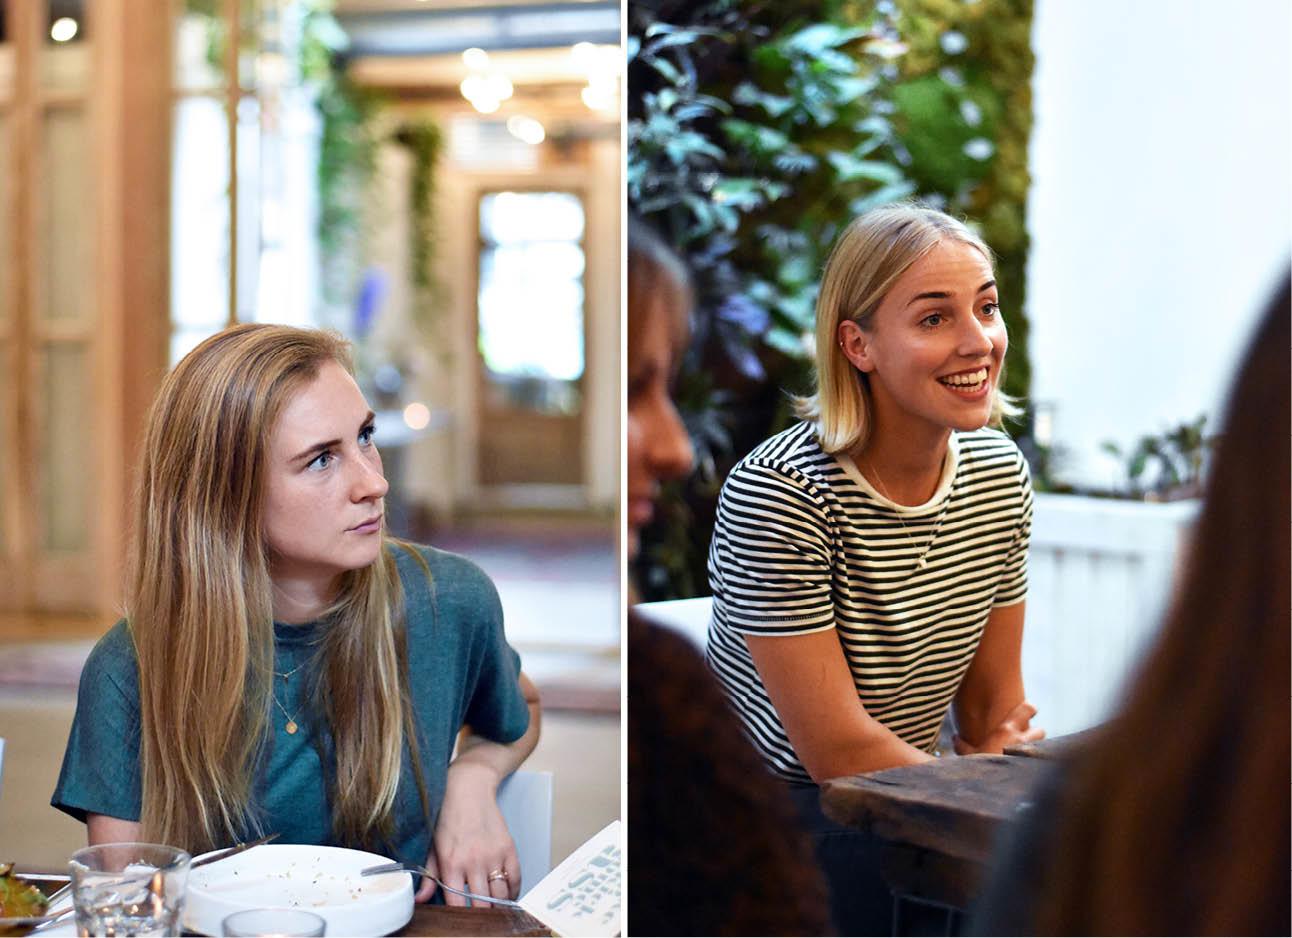 Beelden van meiden in een restaurant die aandachtig luisteren naar een presentatie